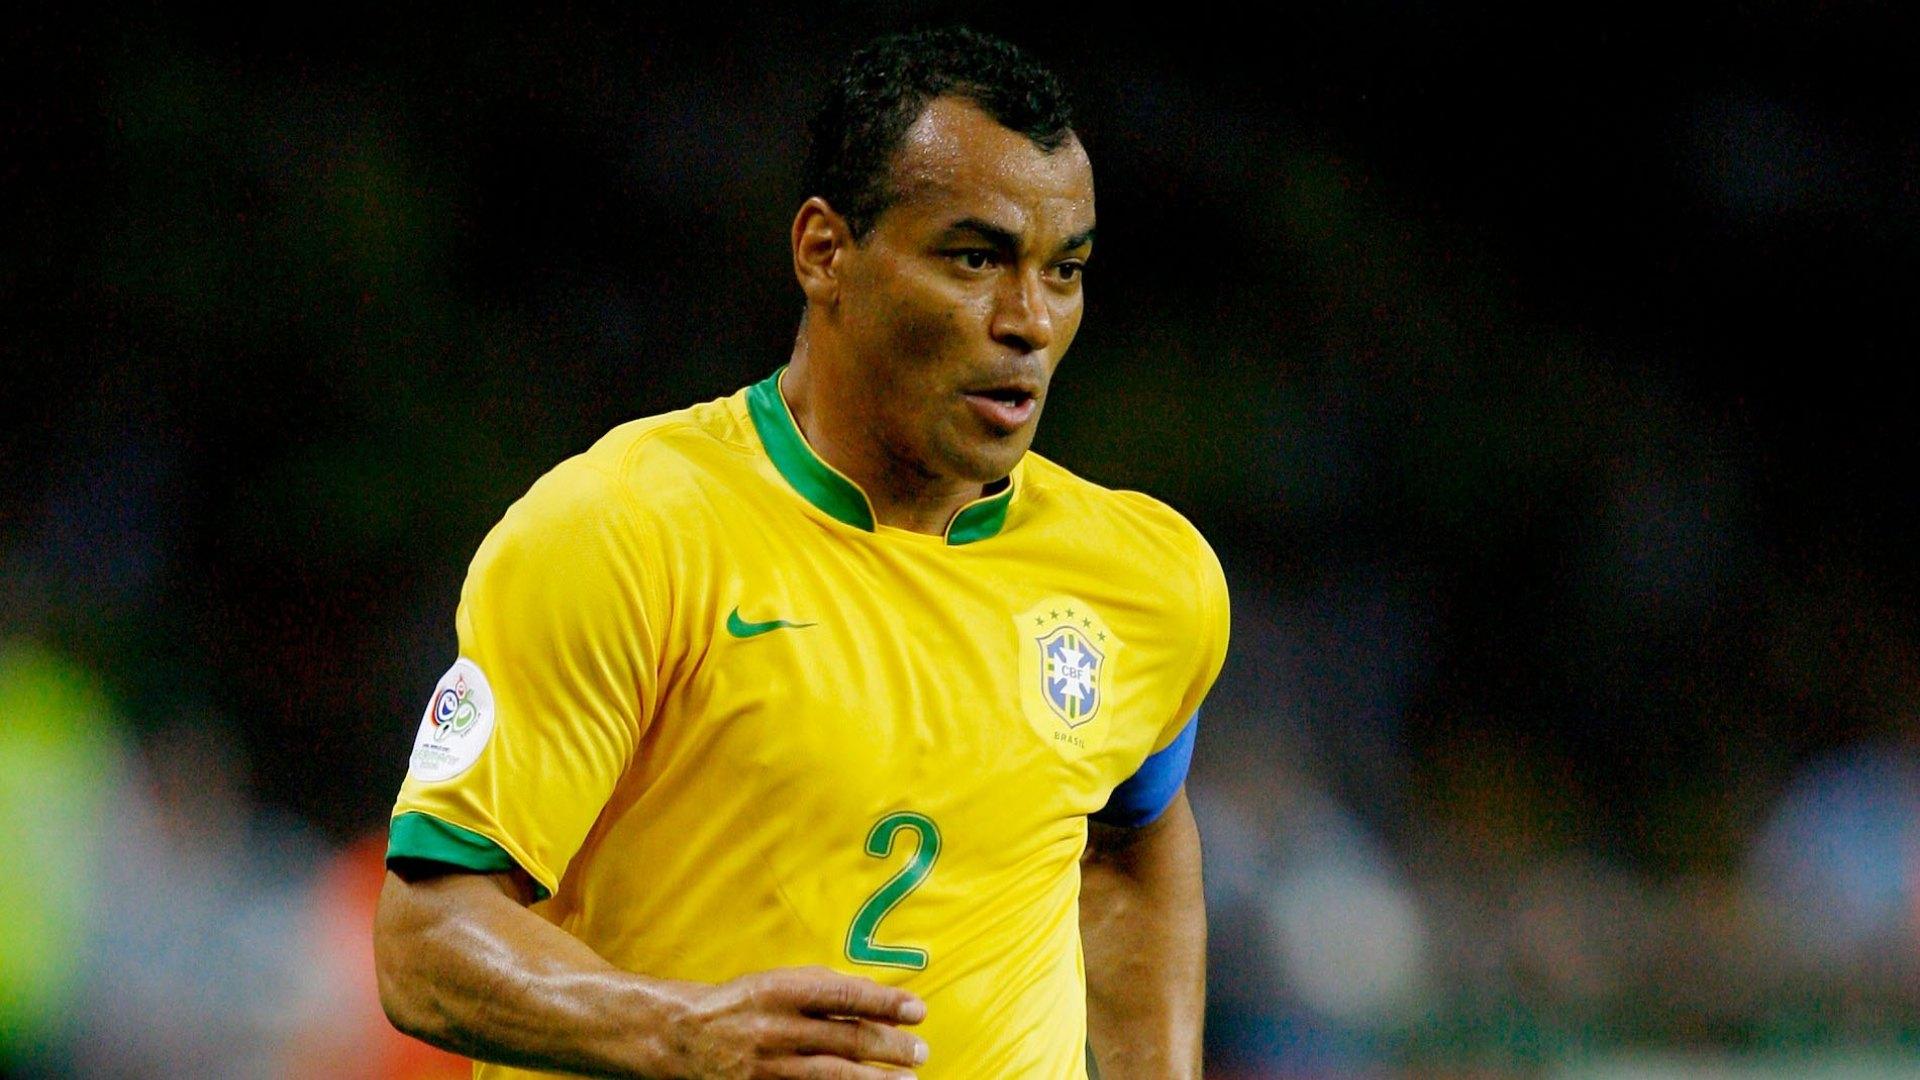 Le fils de Cafu est mort en jouant au foot